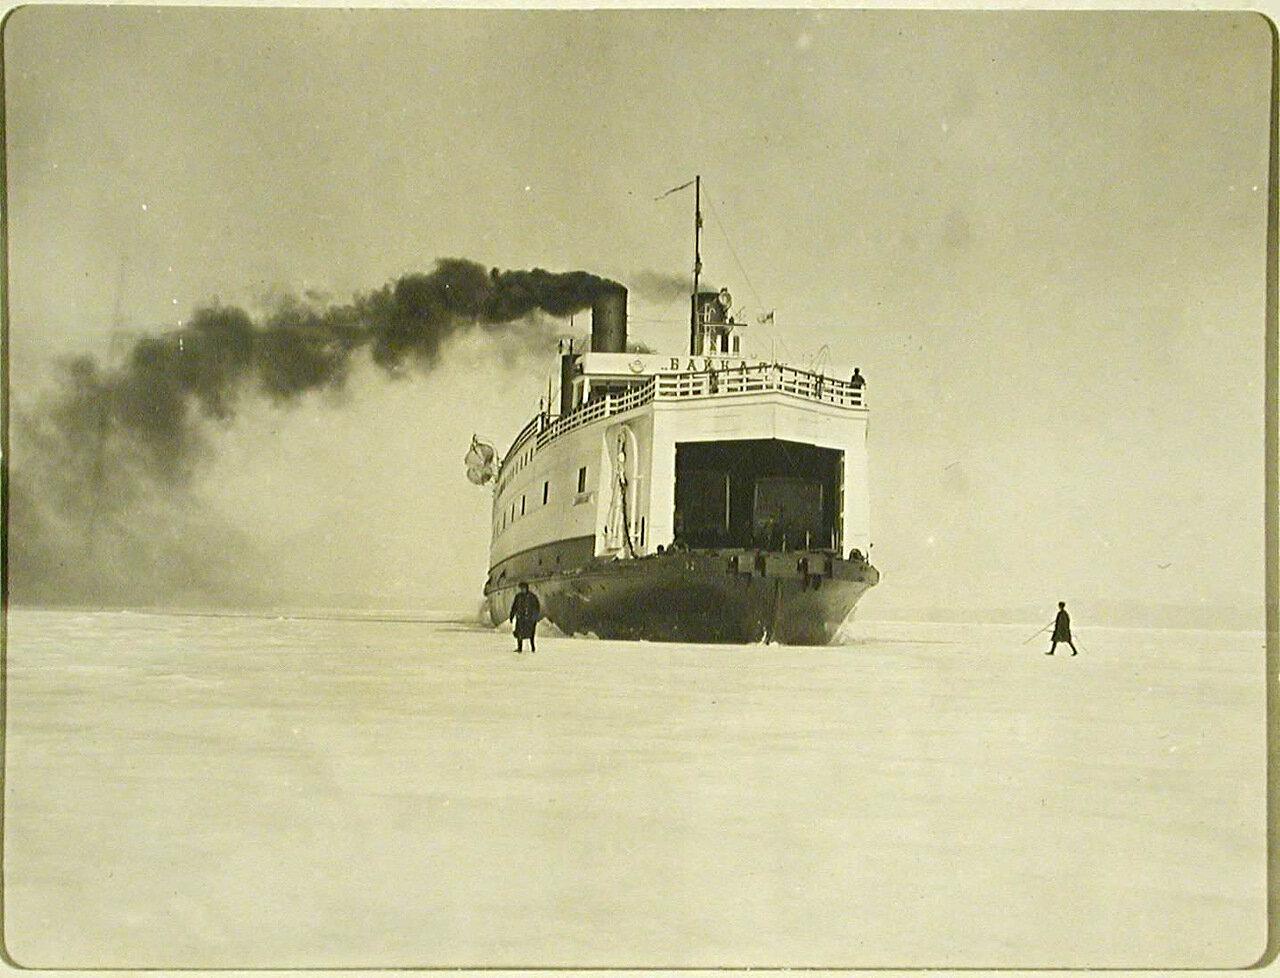 20. Ледокол Байкал пробивает канал во льду